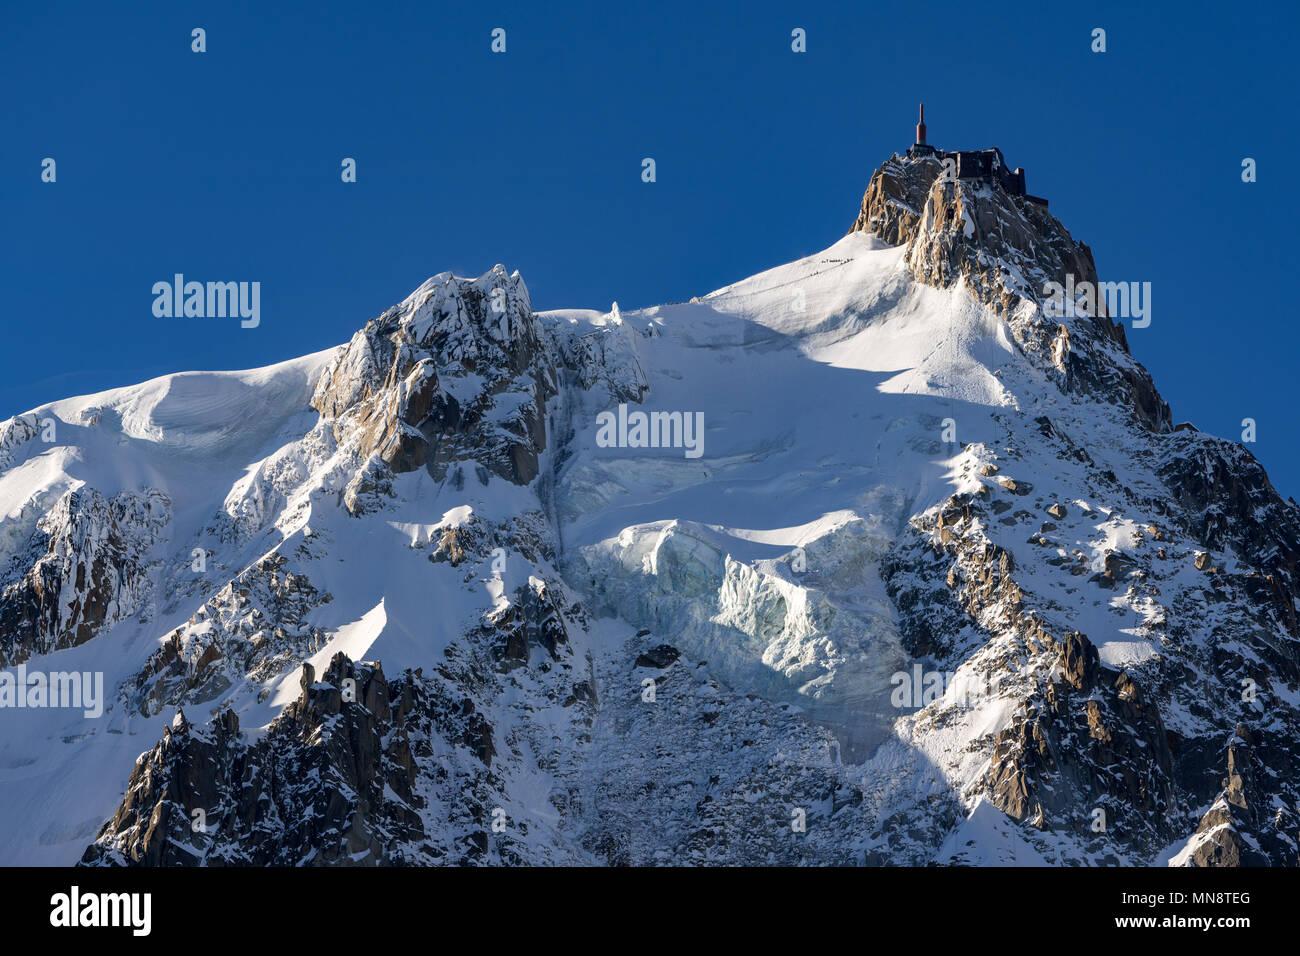 Aiguille du Midi needle in winter morning light. Chamonix Mont Blanc, Haute-Savoie (Upper Savoy) - Stock Image